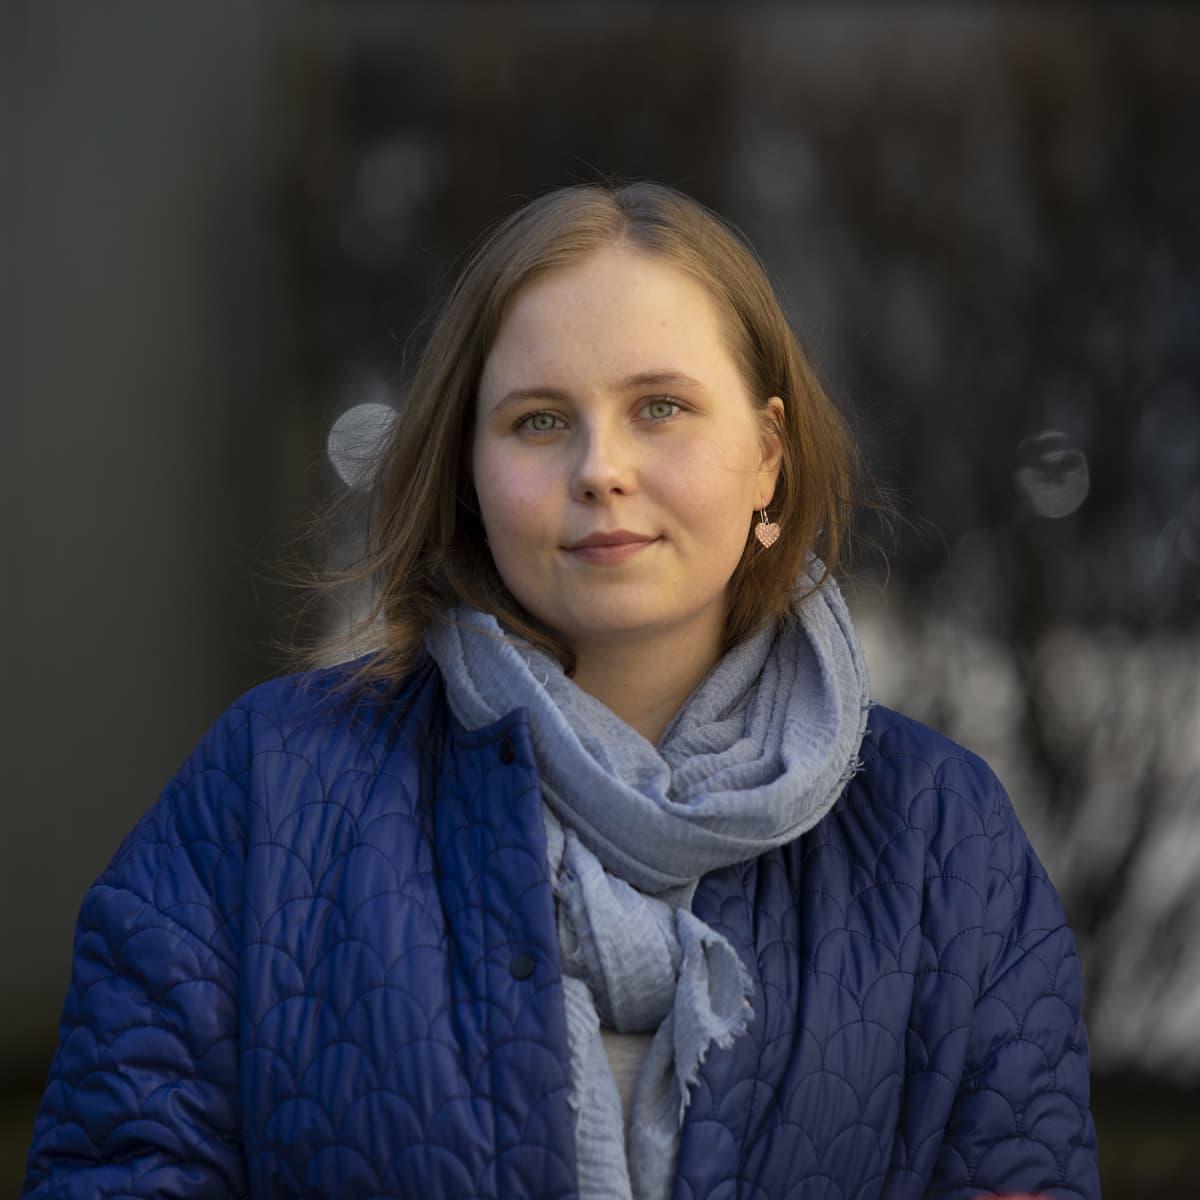 Veronica Helanen